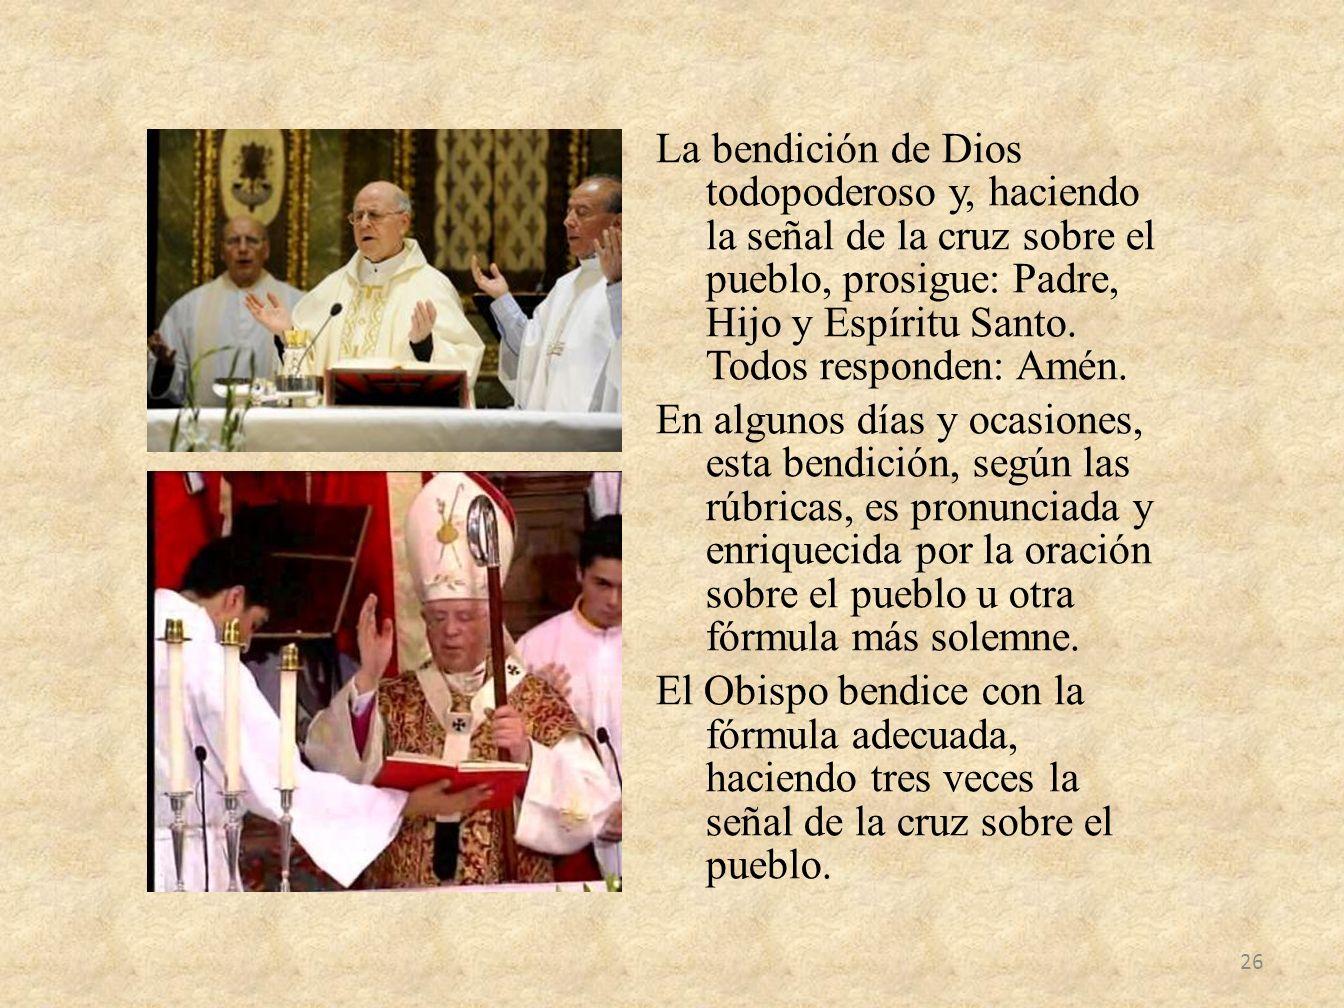 La bendición de Dios todopoderoso y, haciendo la señal de la cruz sobre el pueblo, prosigue: Padre, Hijo y Espíritu Santo.